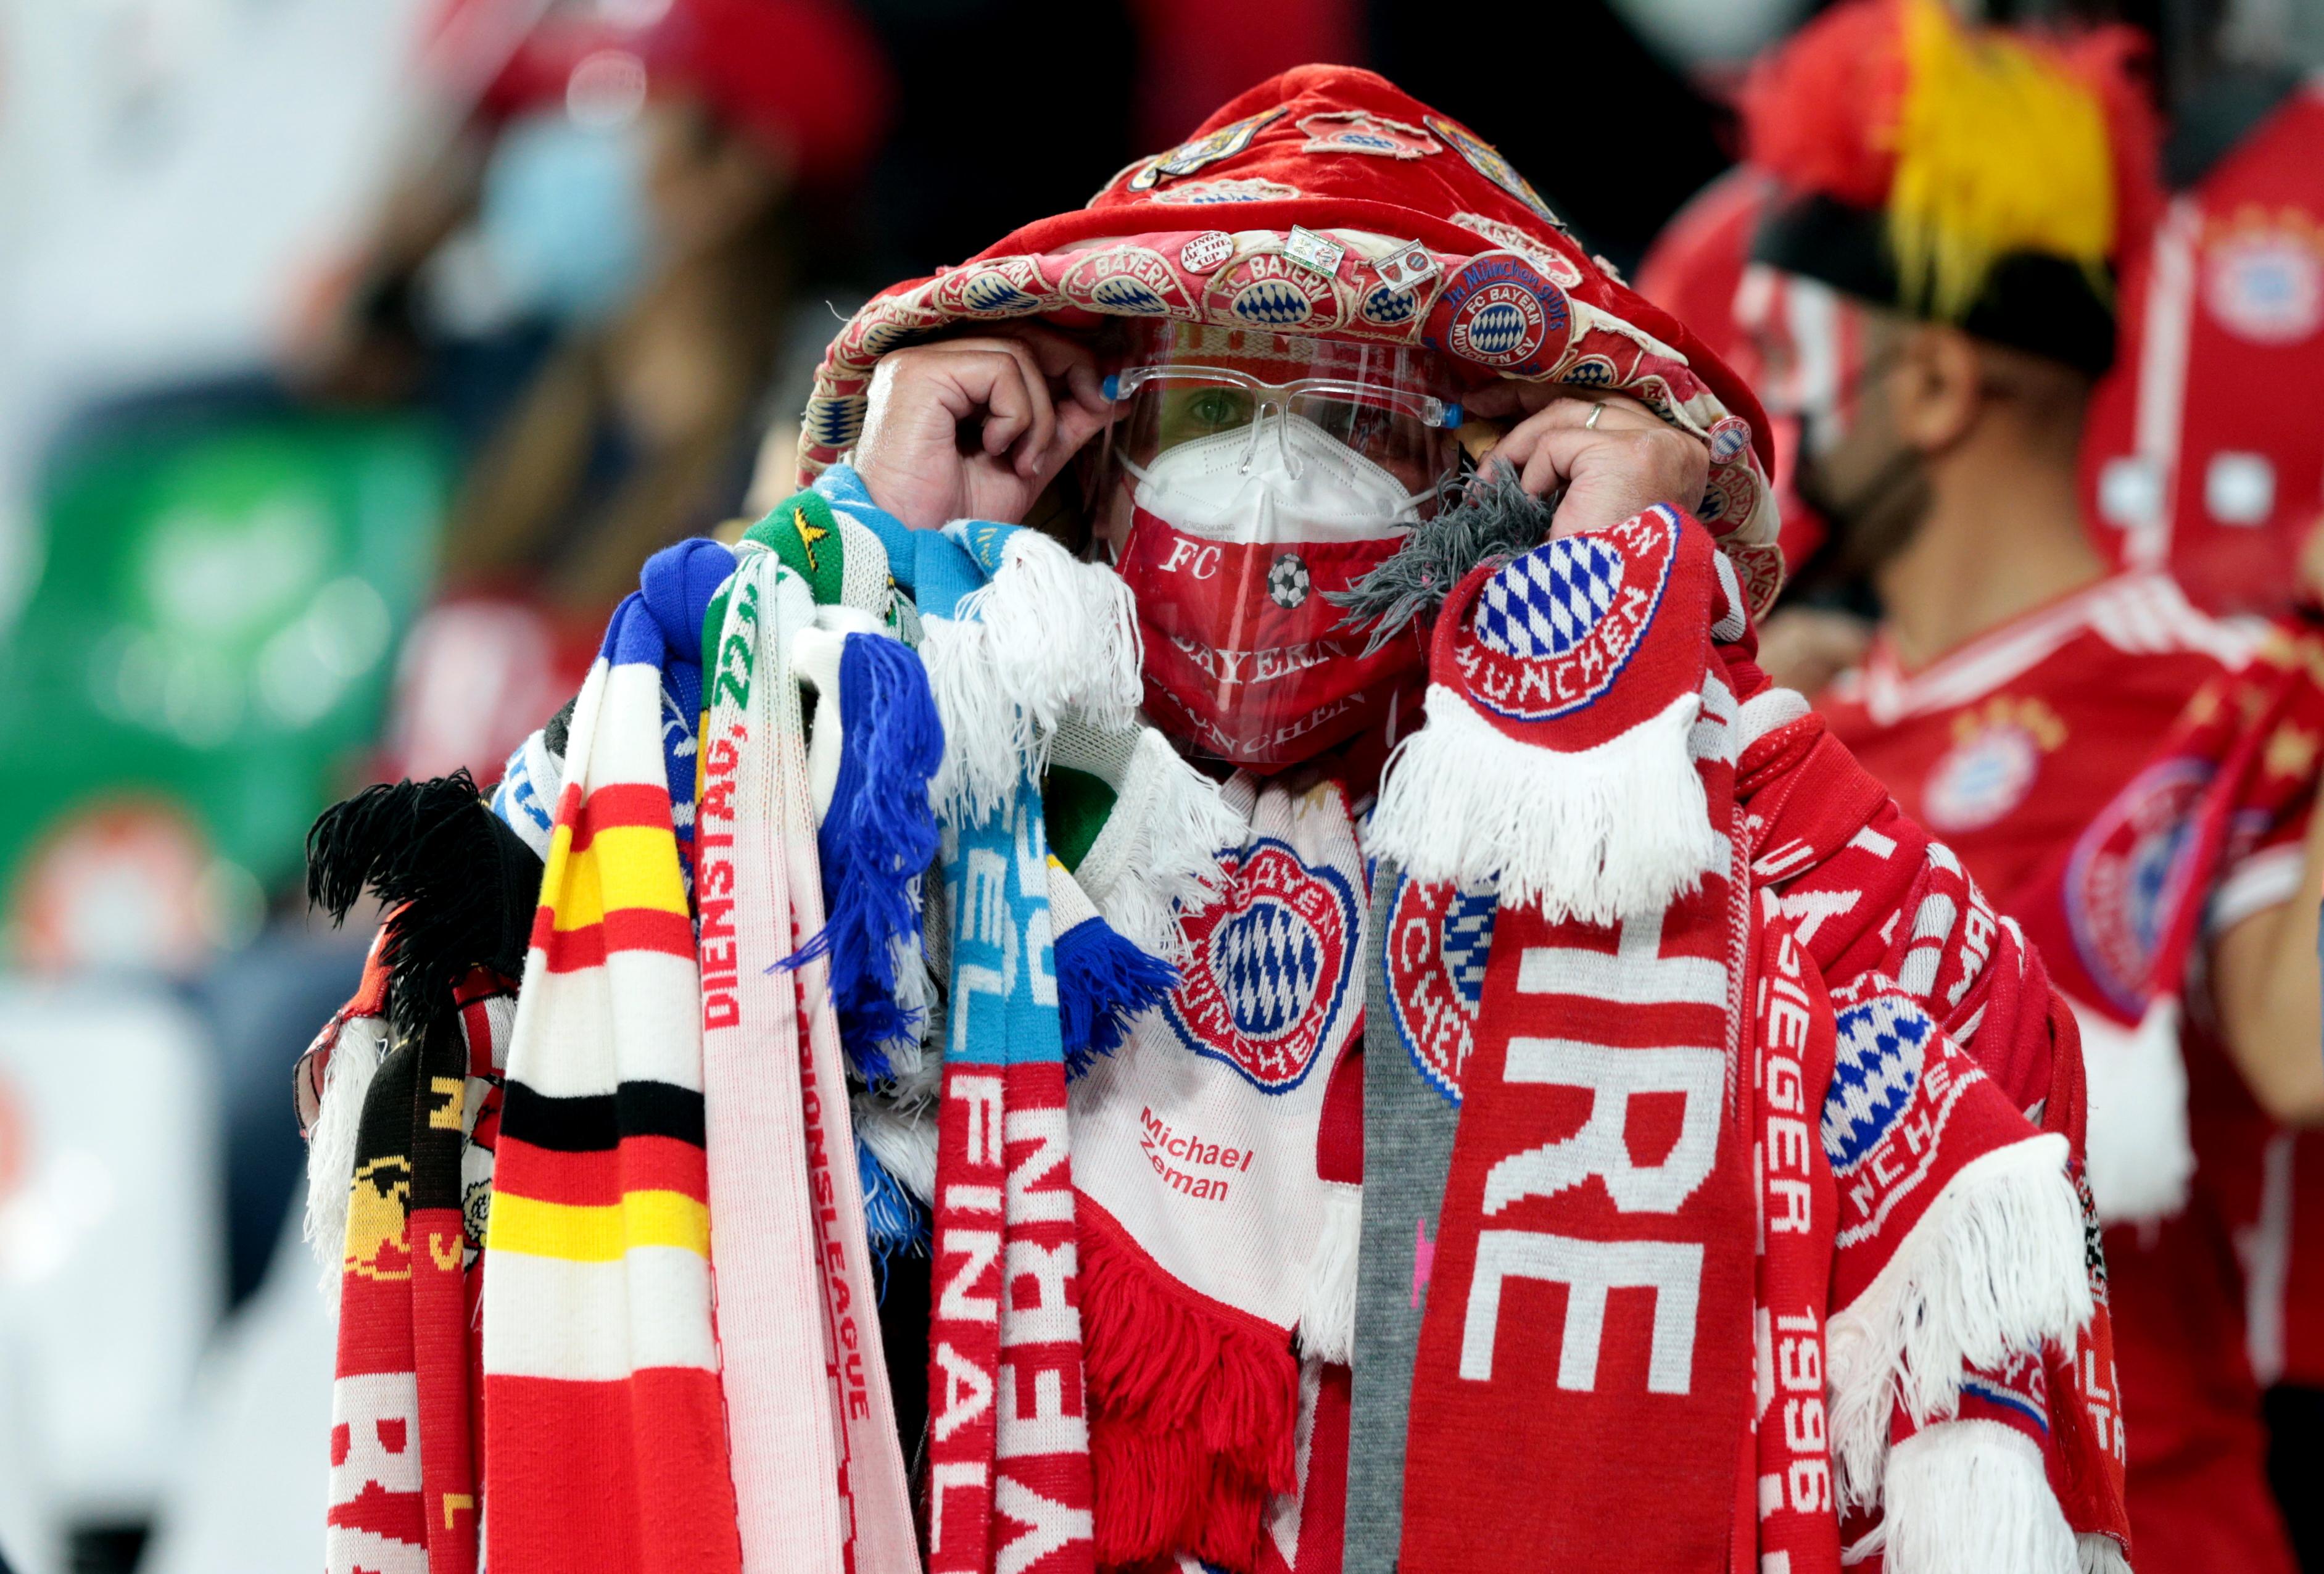 Seguidor del Bayern Múnich. Estadio Ciudad de la Educación en Rayán, Catar